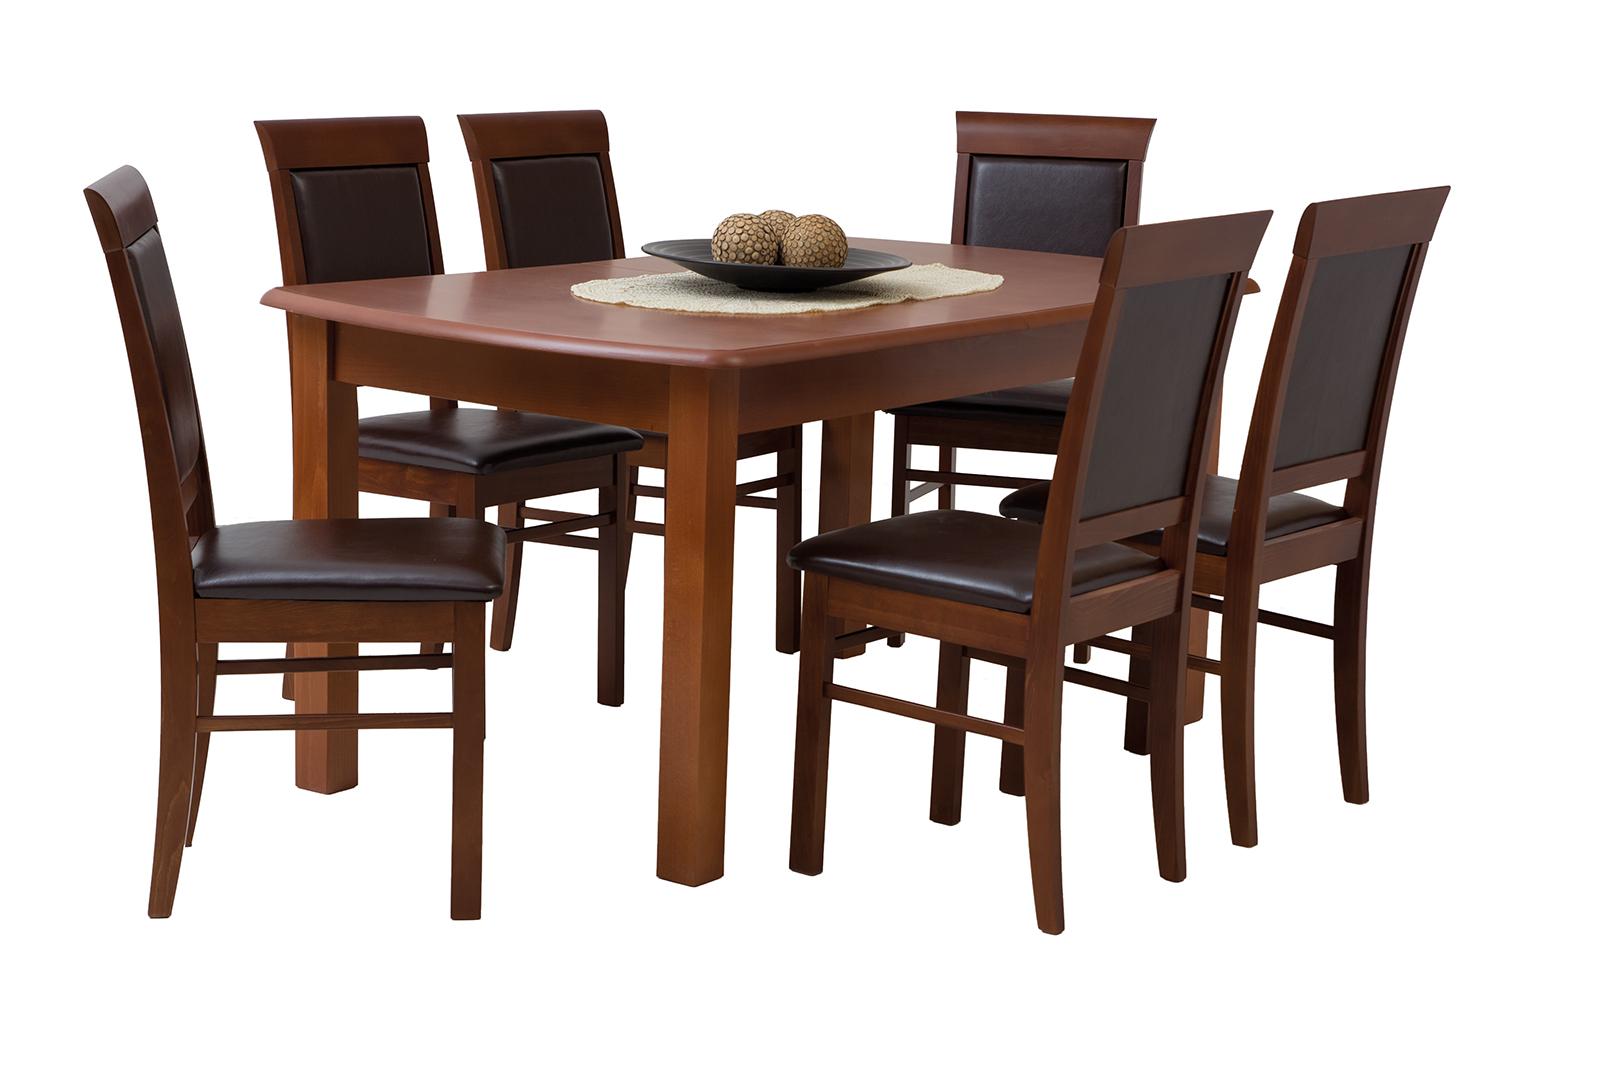 esstisch mit 6 st hlen ausziehbare tisch esszimmertisch tischgruppe domino ebay. Black Bedroom Furniture Sets. Home Design Ideas